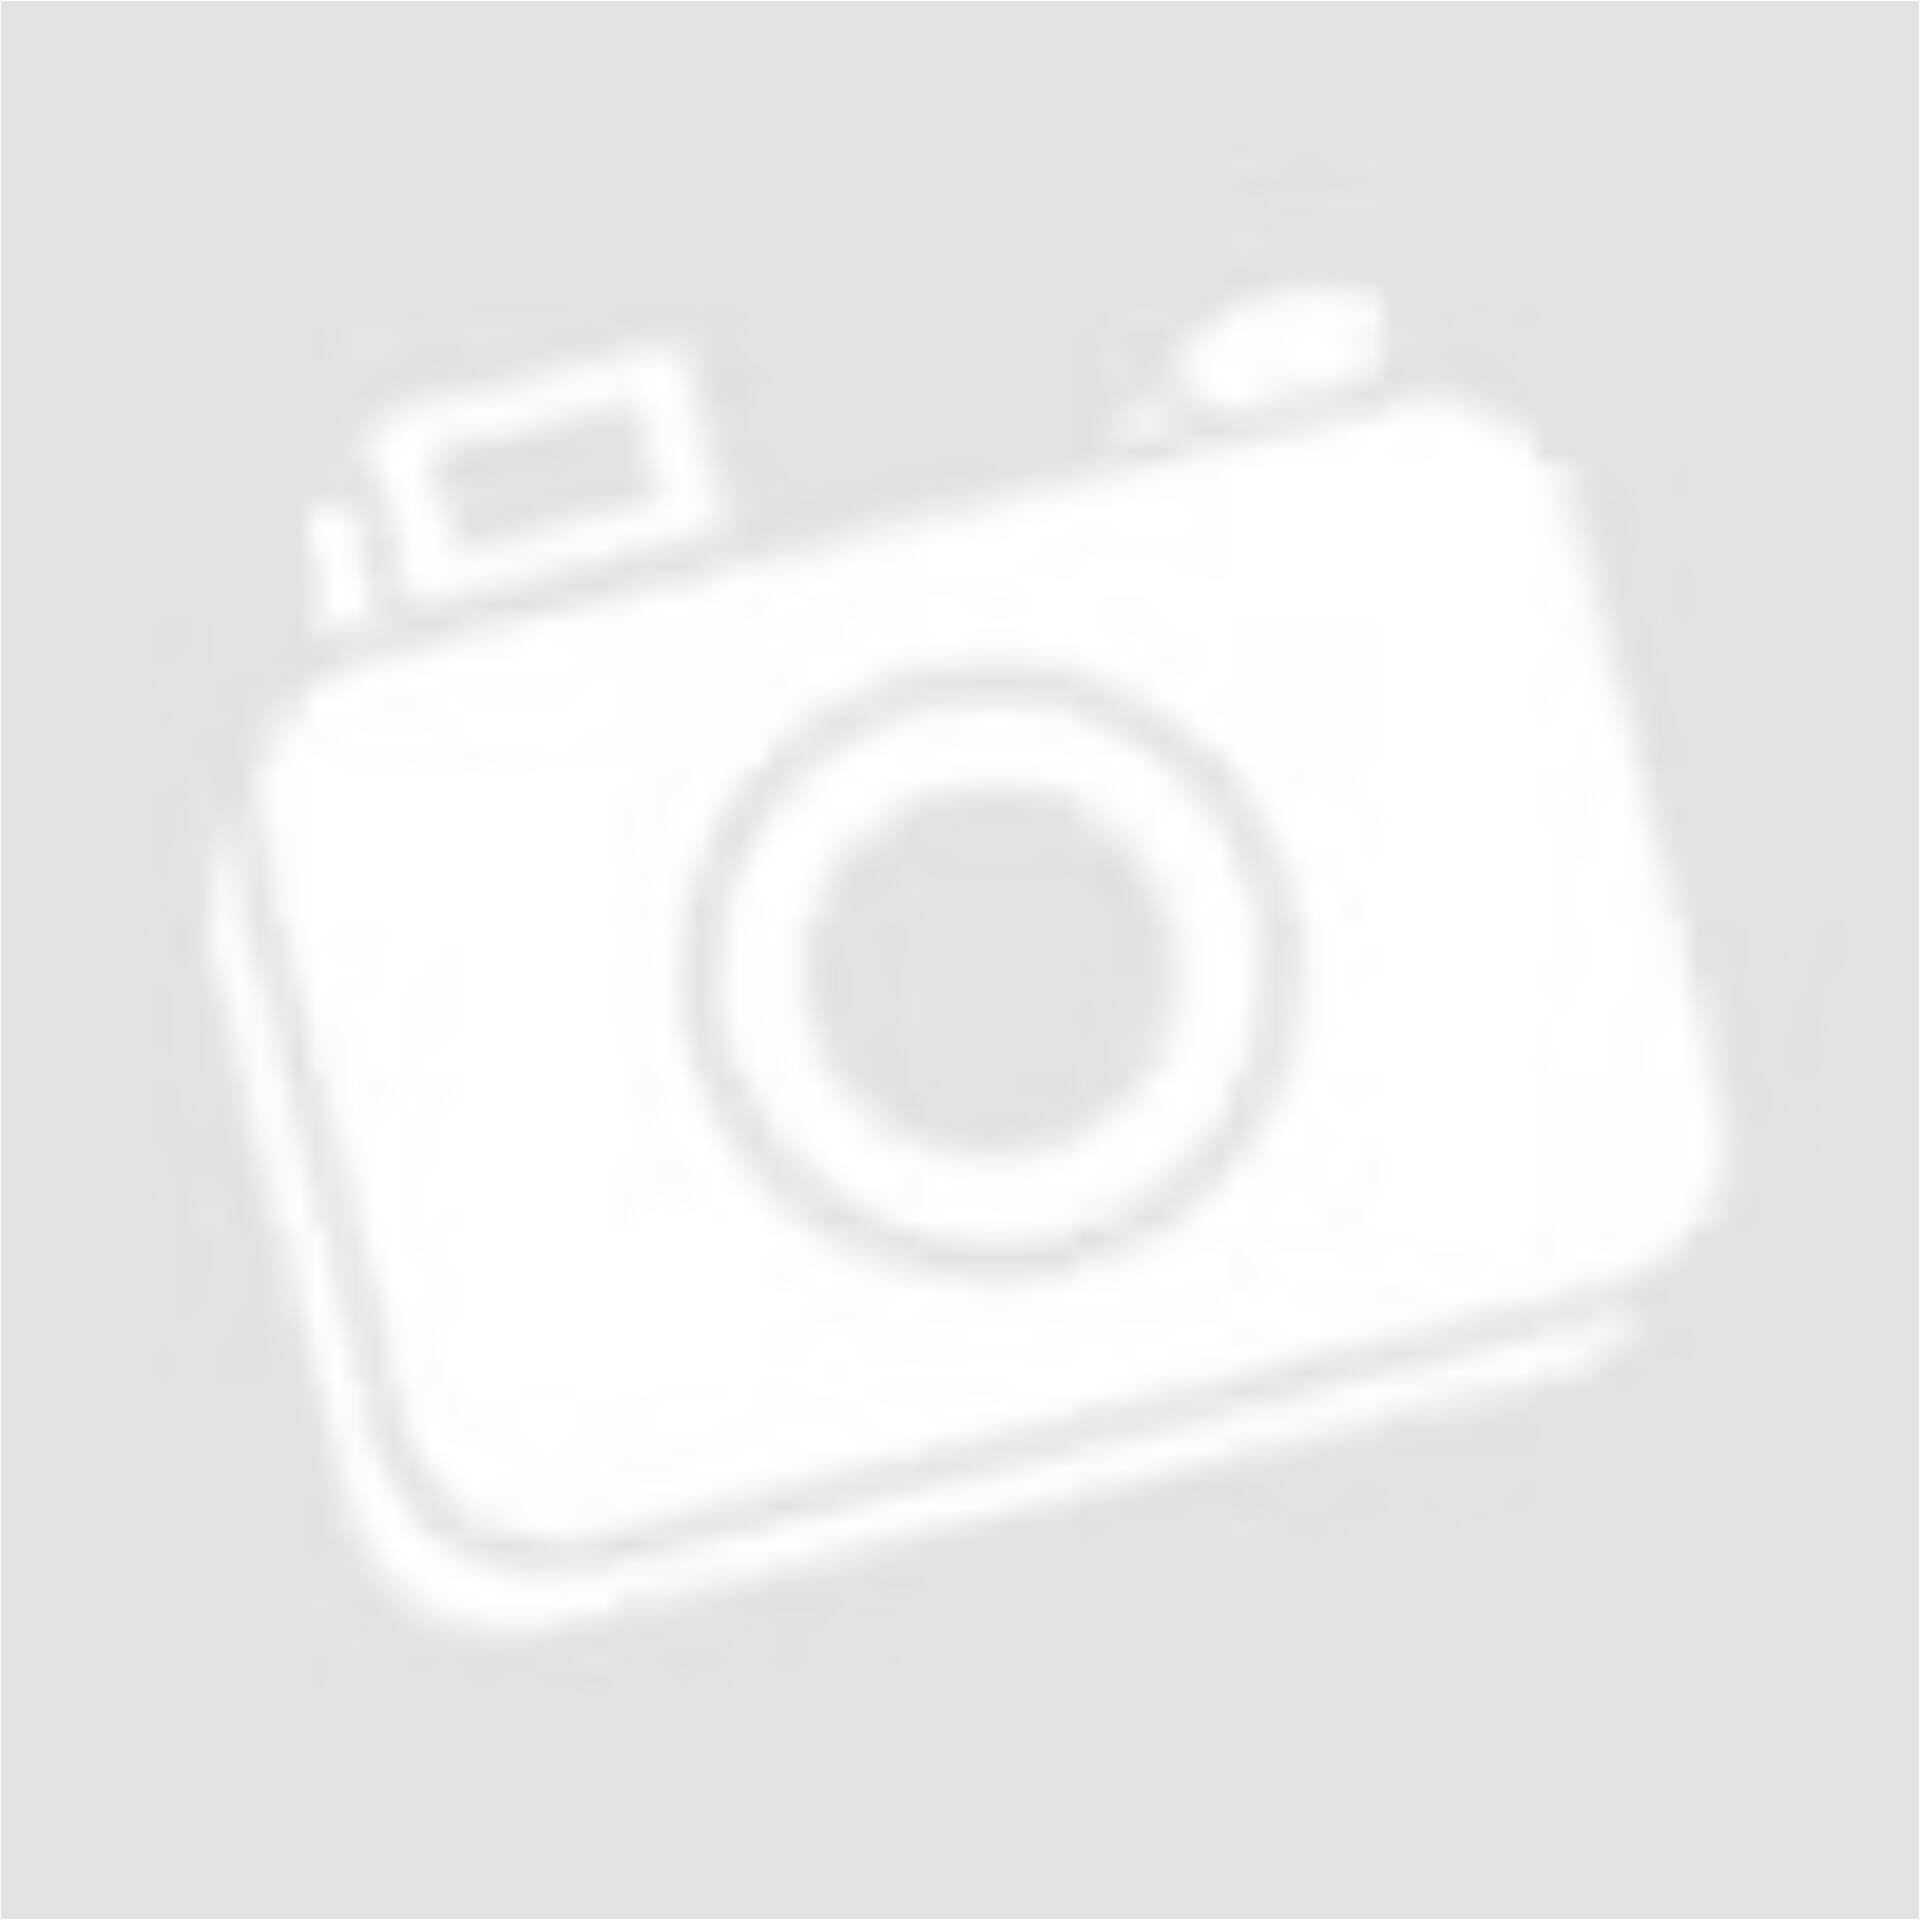 2e886b8332 RIVER ISLAND bordó színű rombusz mintás ruha (Méret: S) - Alkalmi ...